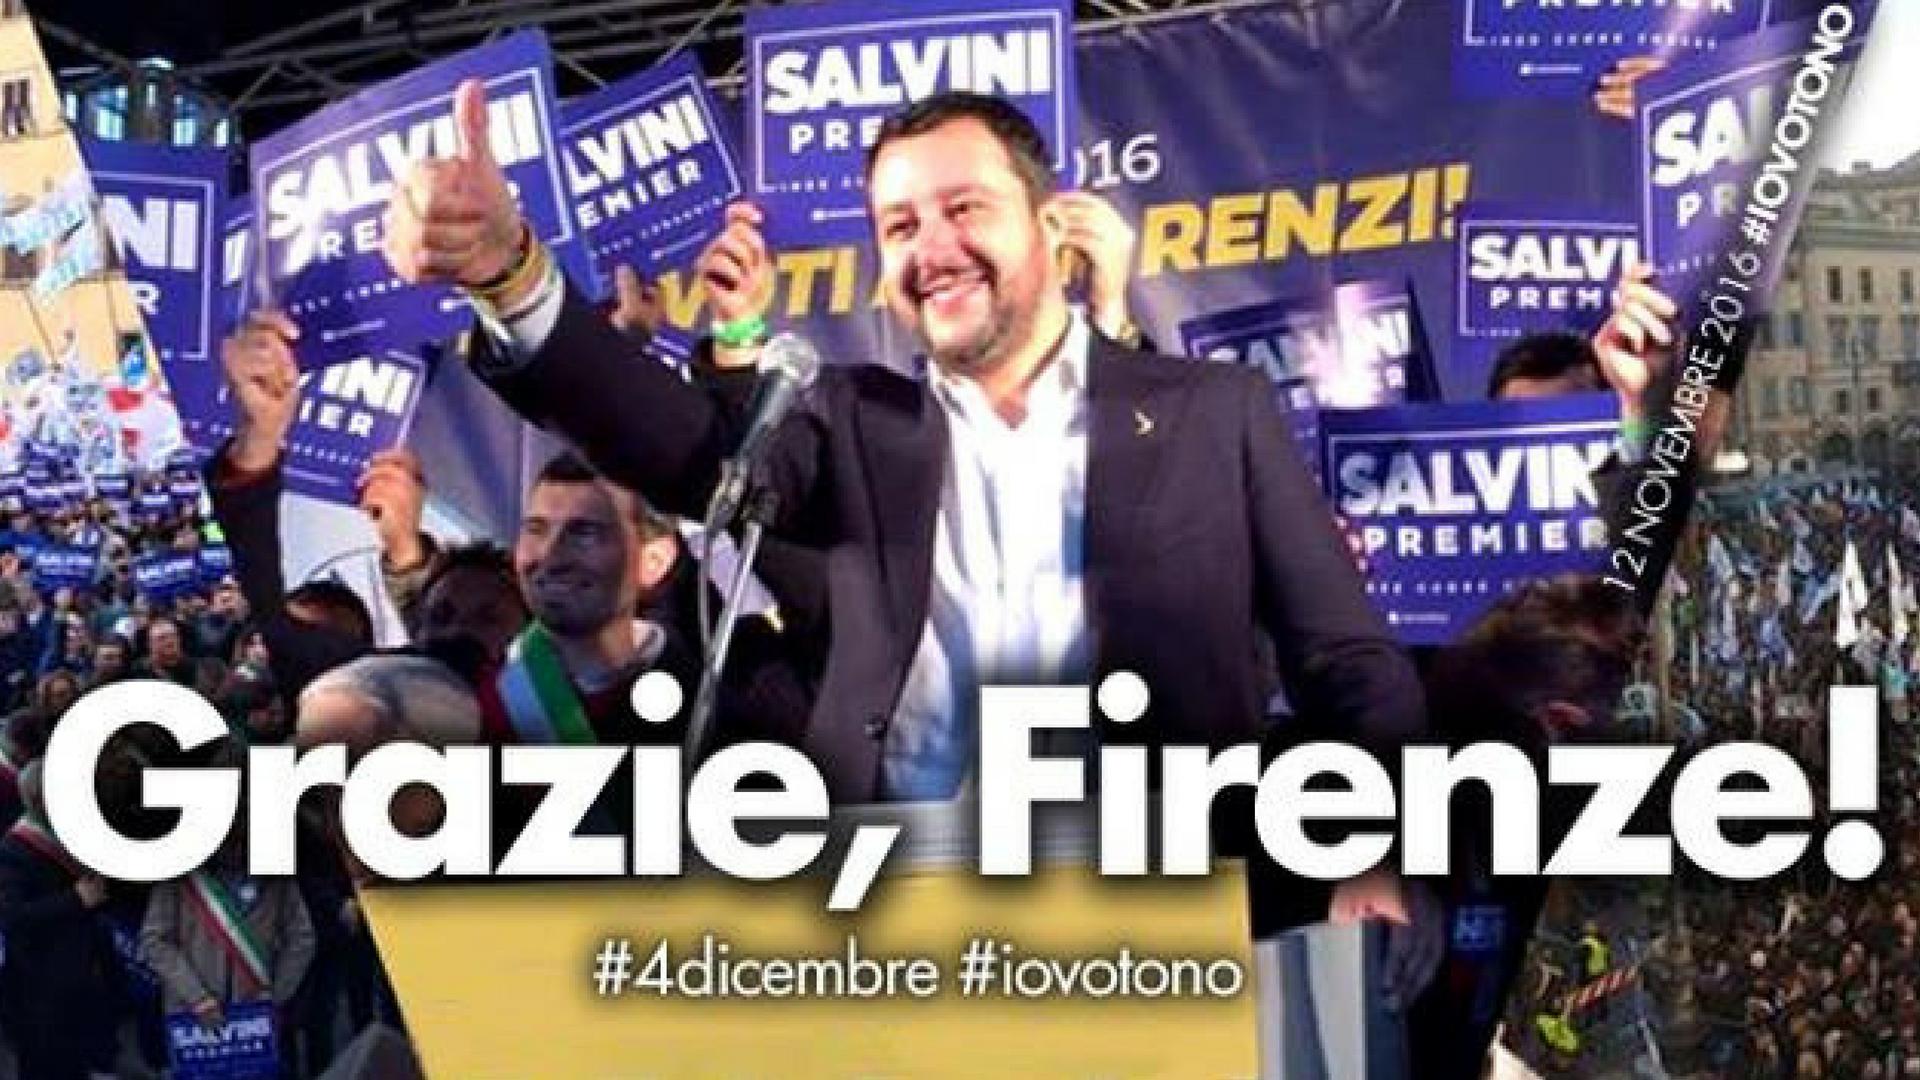 Il leader della Lega Nord e Noi con Salvini